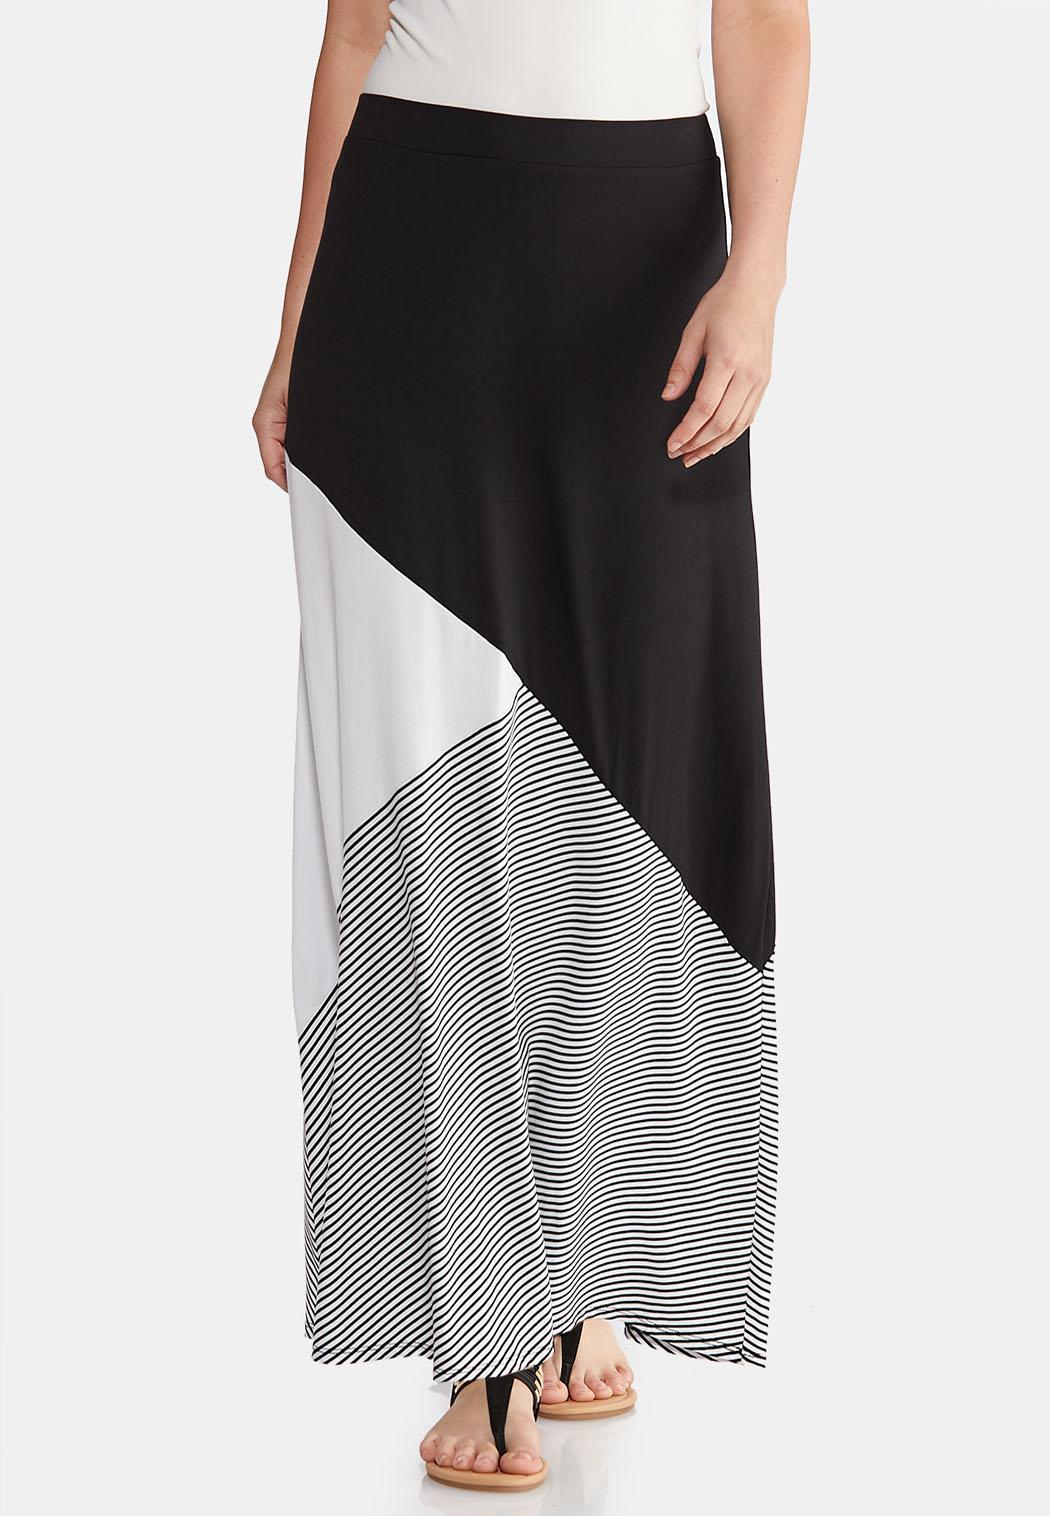 199d54d02 Women's Plus Size Skirts